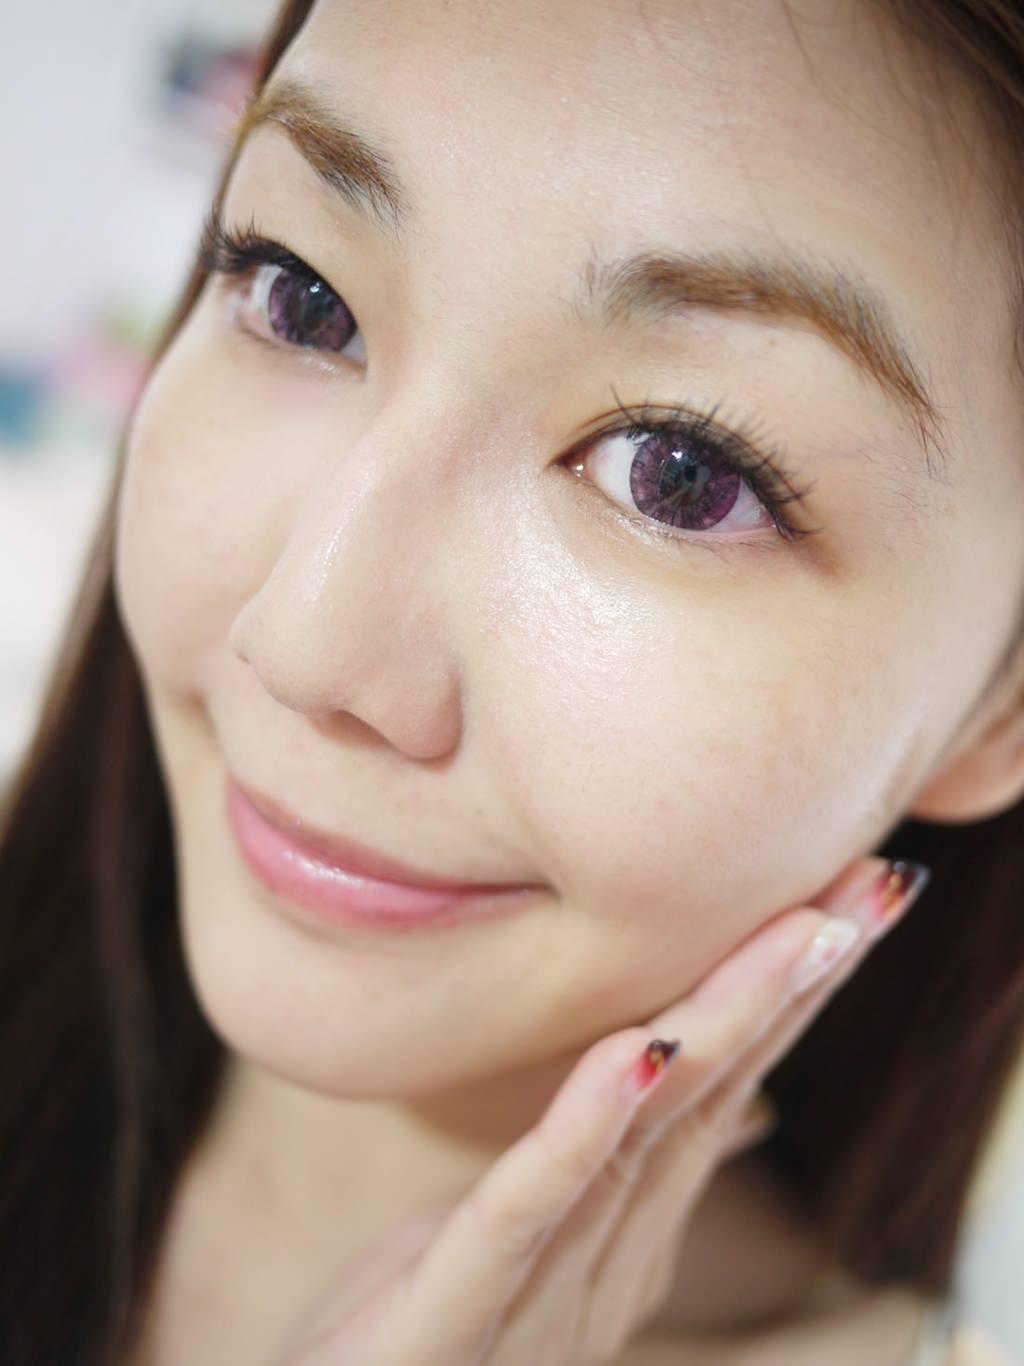 Dr.Jart+,韓國保養,肌膚專家,亞洲保養,保濕,亮白,水凝霜,敏弱肌,天然保養,118